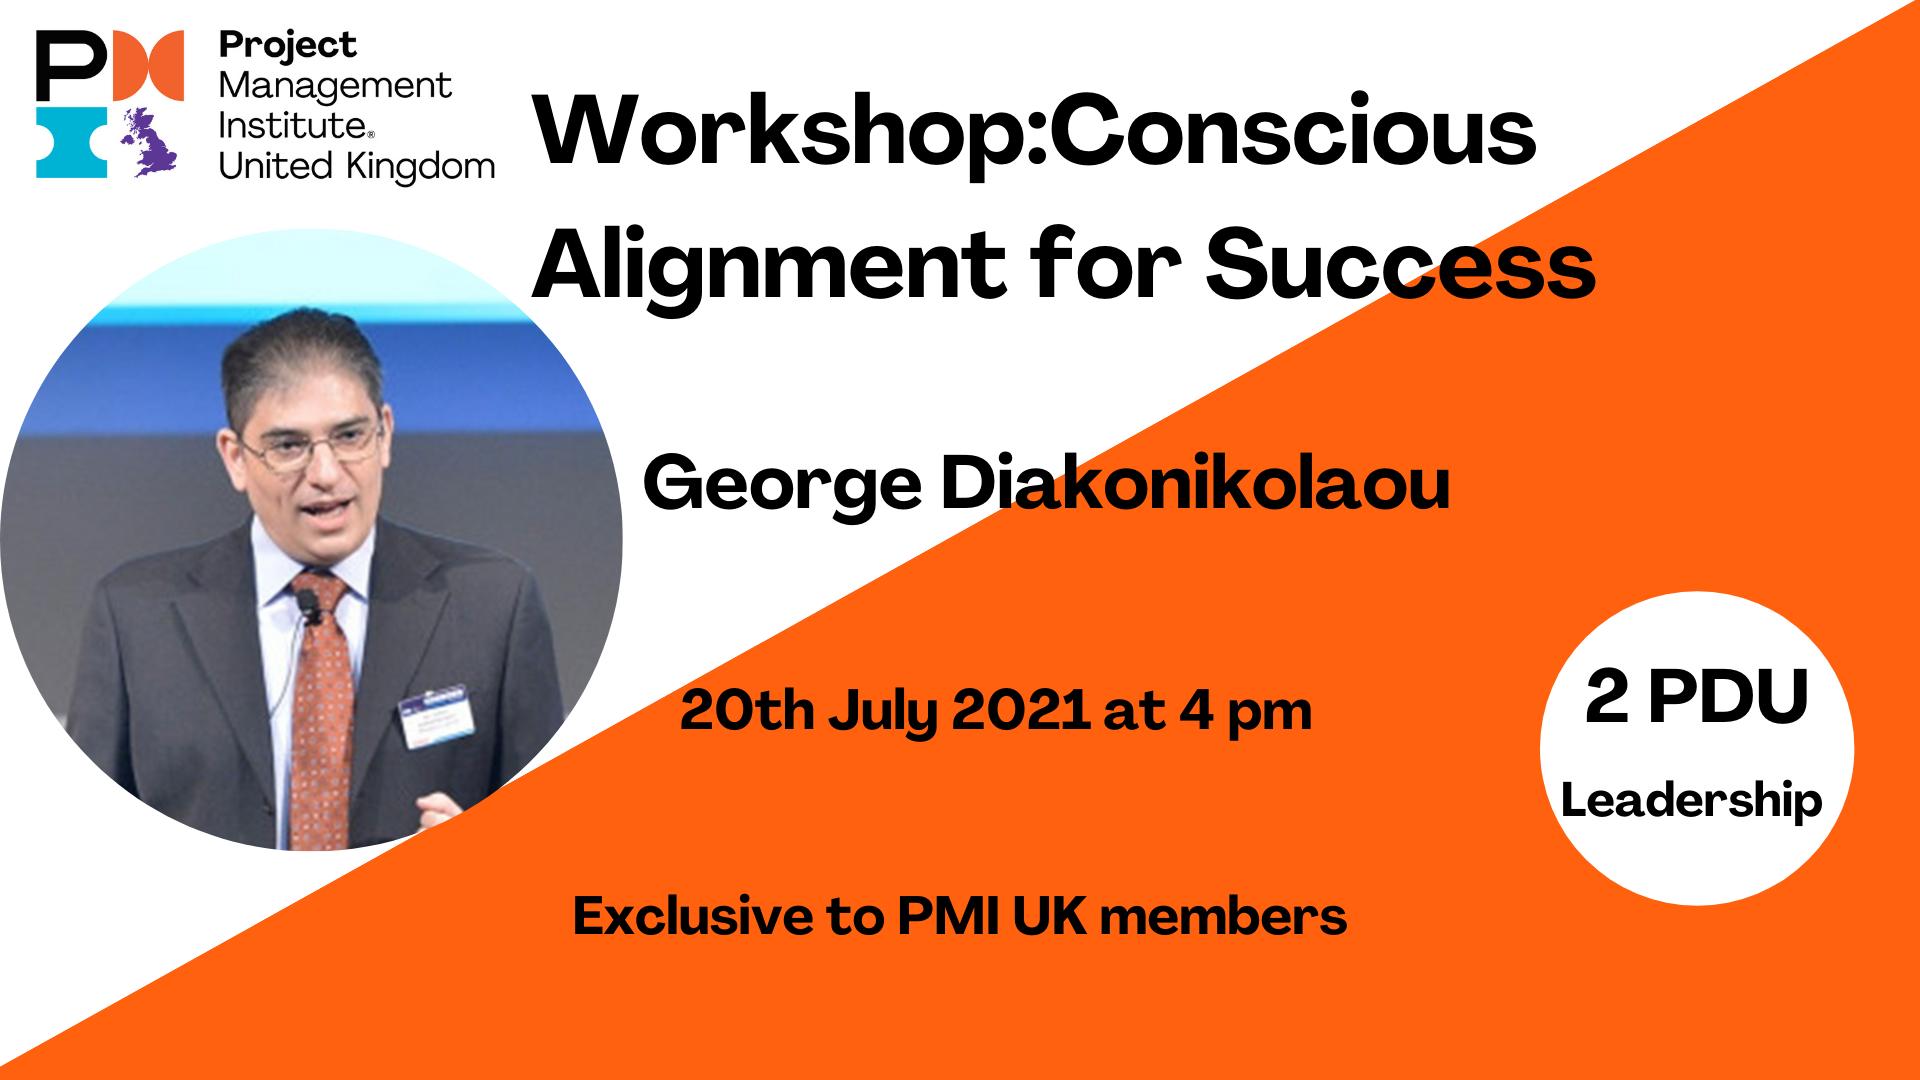 Copy of 20th July workshop website banner